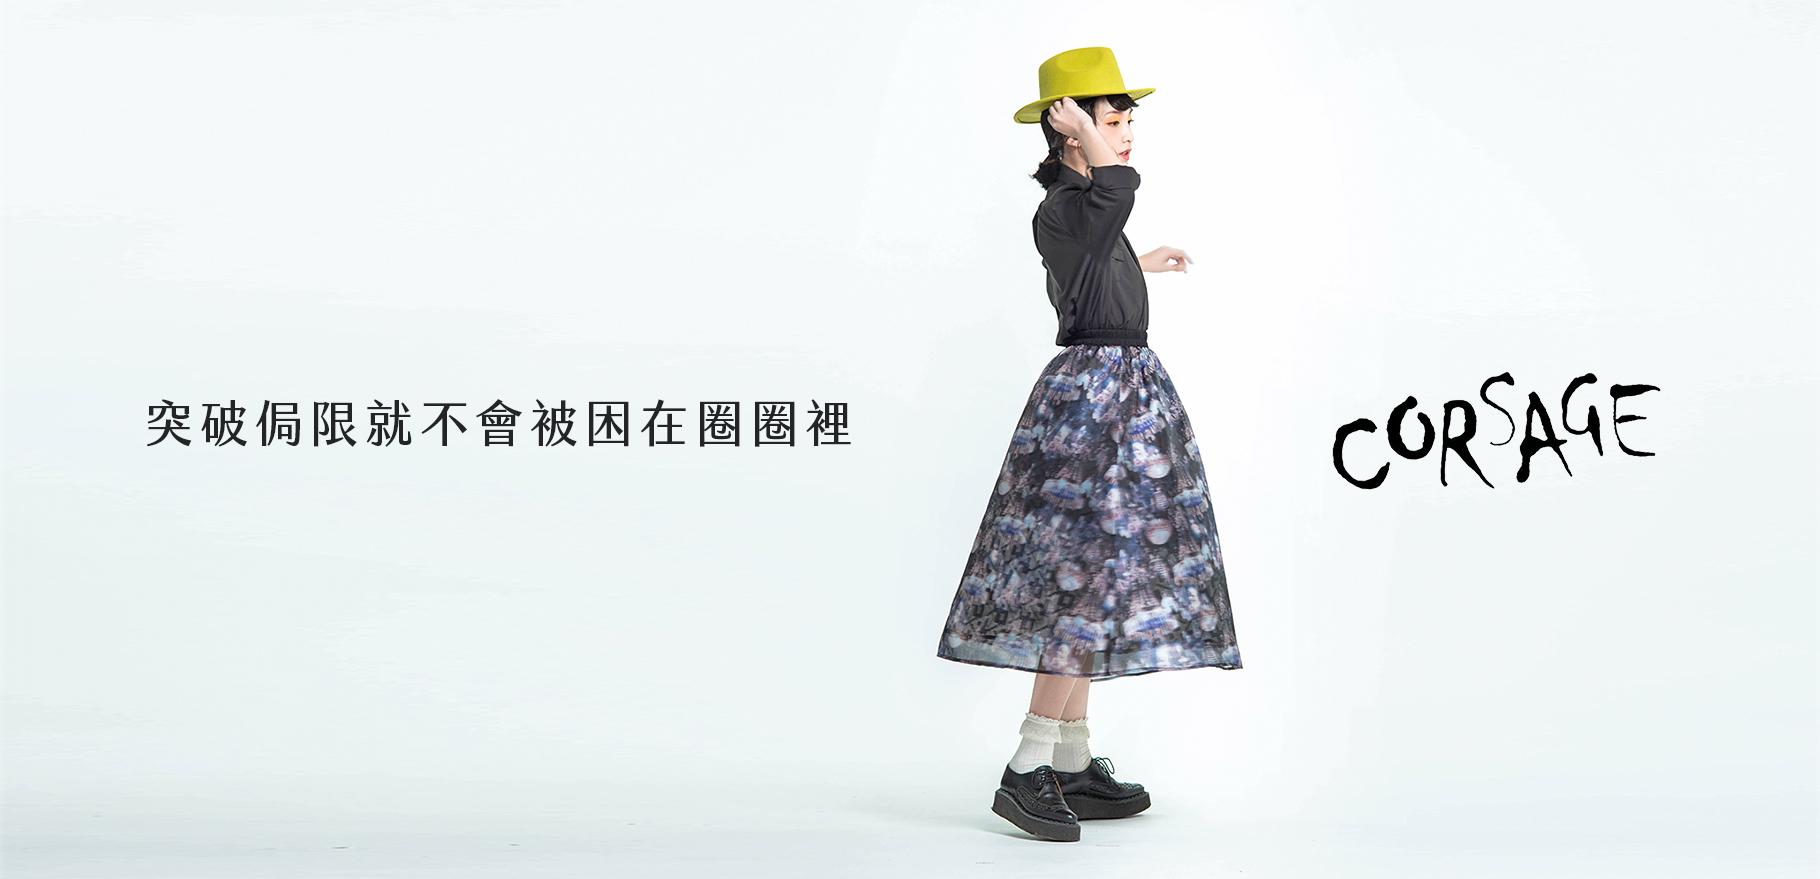 【FFLives品牌專訪|CORSAGE】突破衣服本身的侷限,就不會被困在圈圈裡